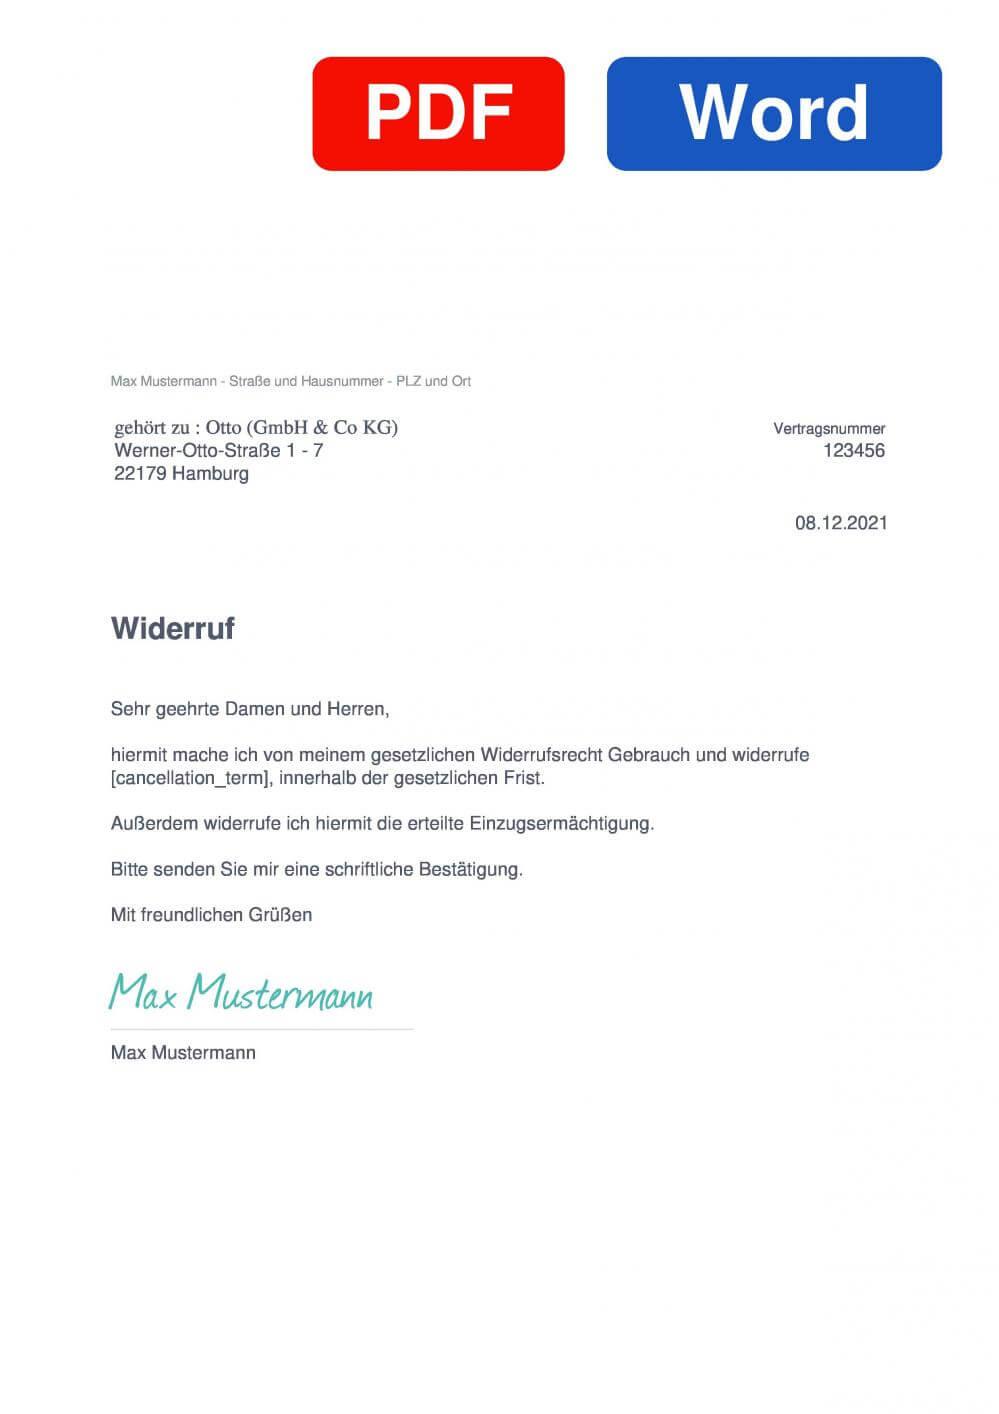 Neckermann Muster Vorlage für Wiederrufsschreiben